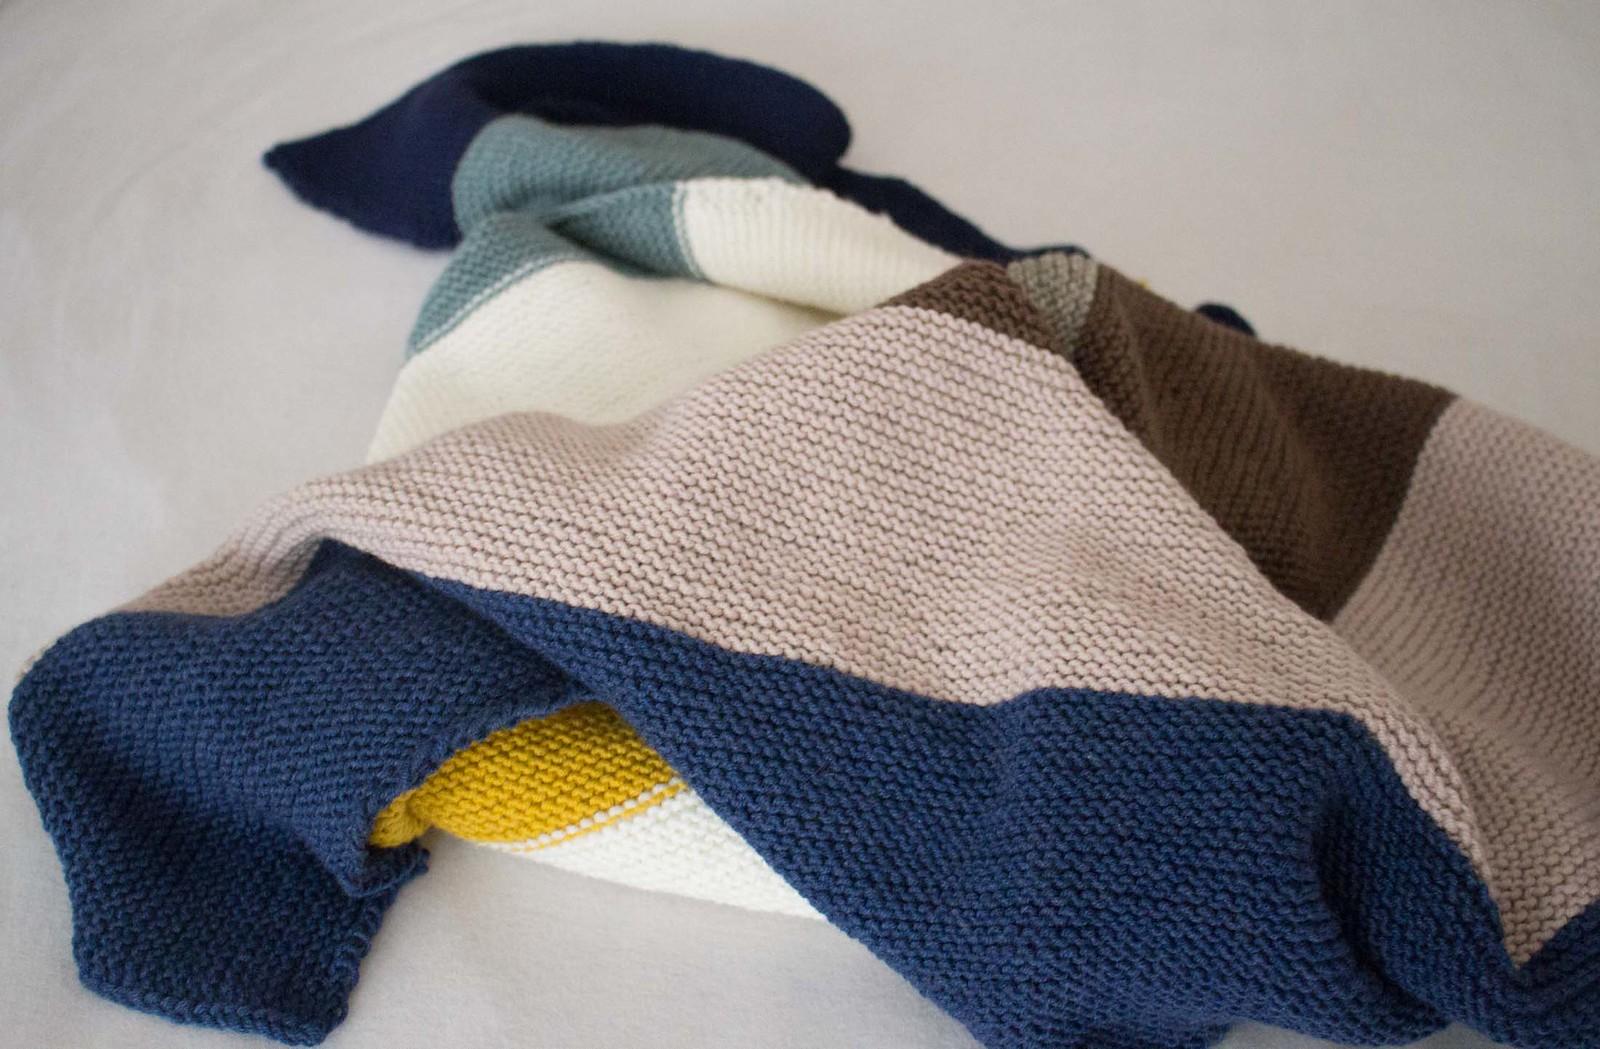 selbstgemachte strick babydecke mit streifen